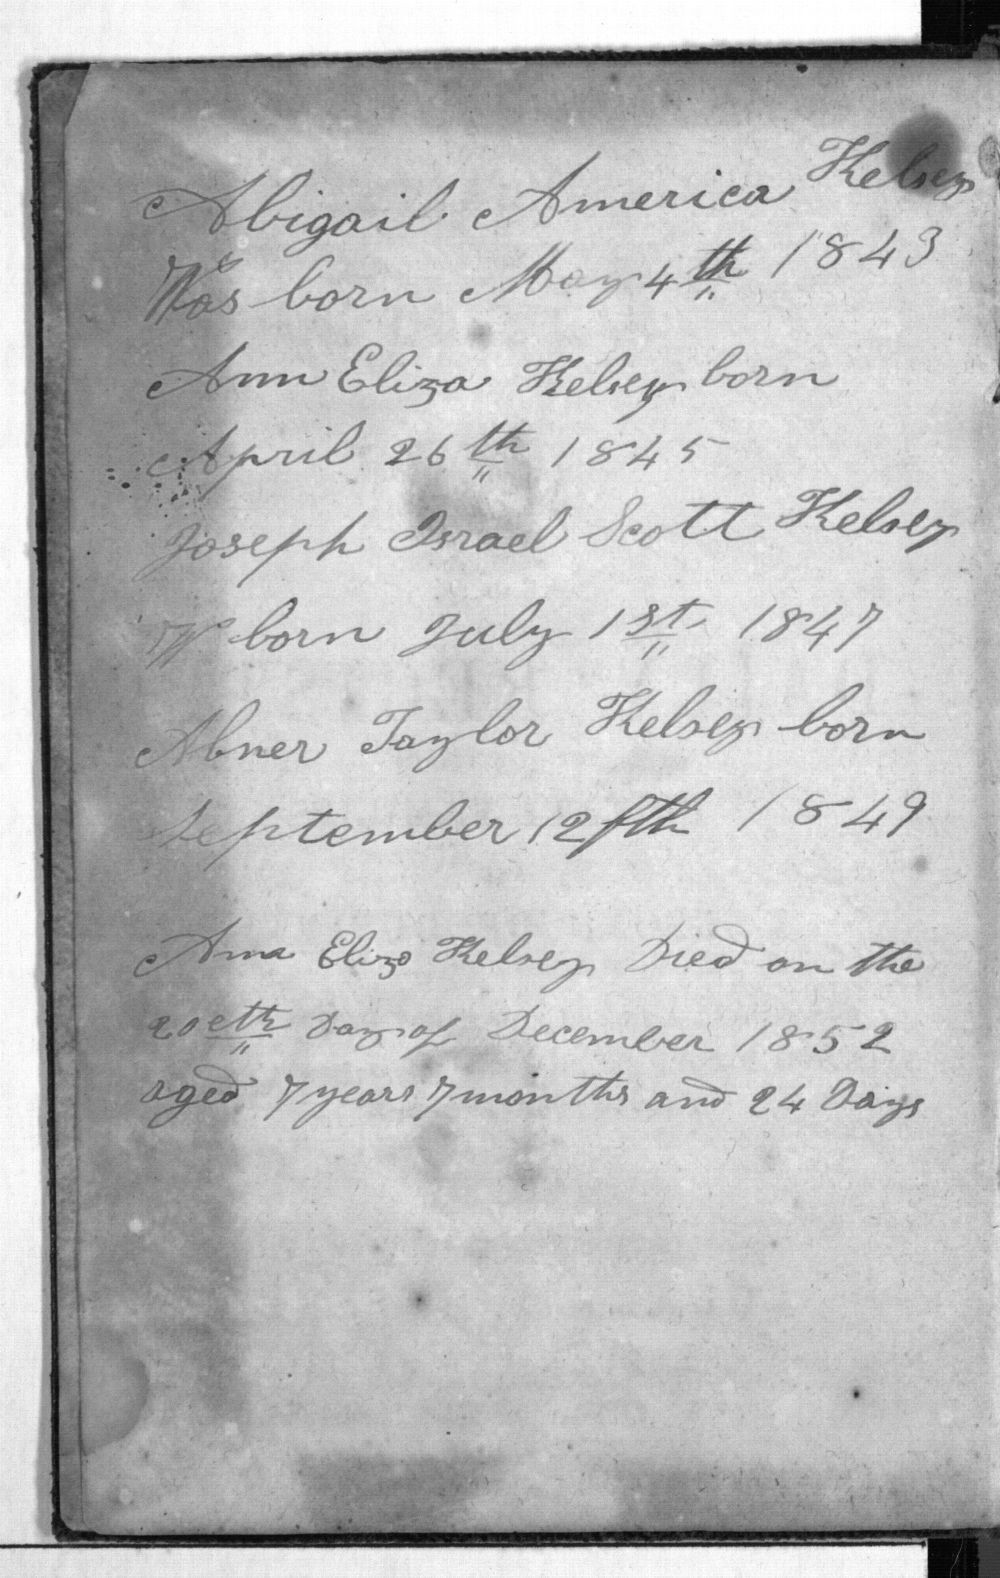 Dandridge E. Kelsey's 1854 diary - ii